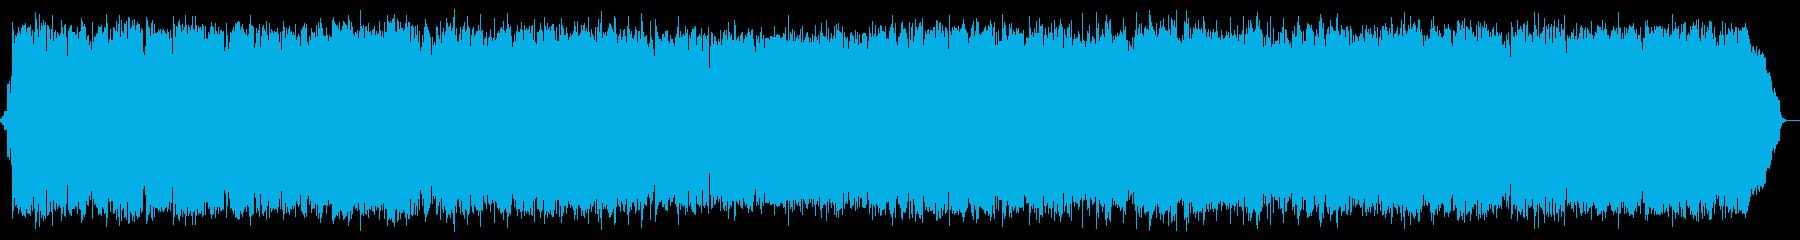 心落ち着く前向きなヒーリングミュージックの再生済みの波形